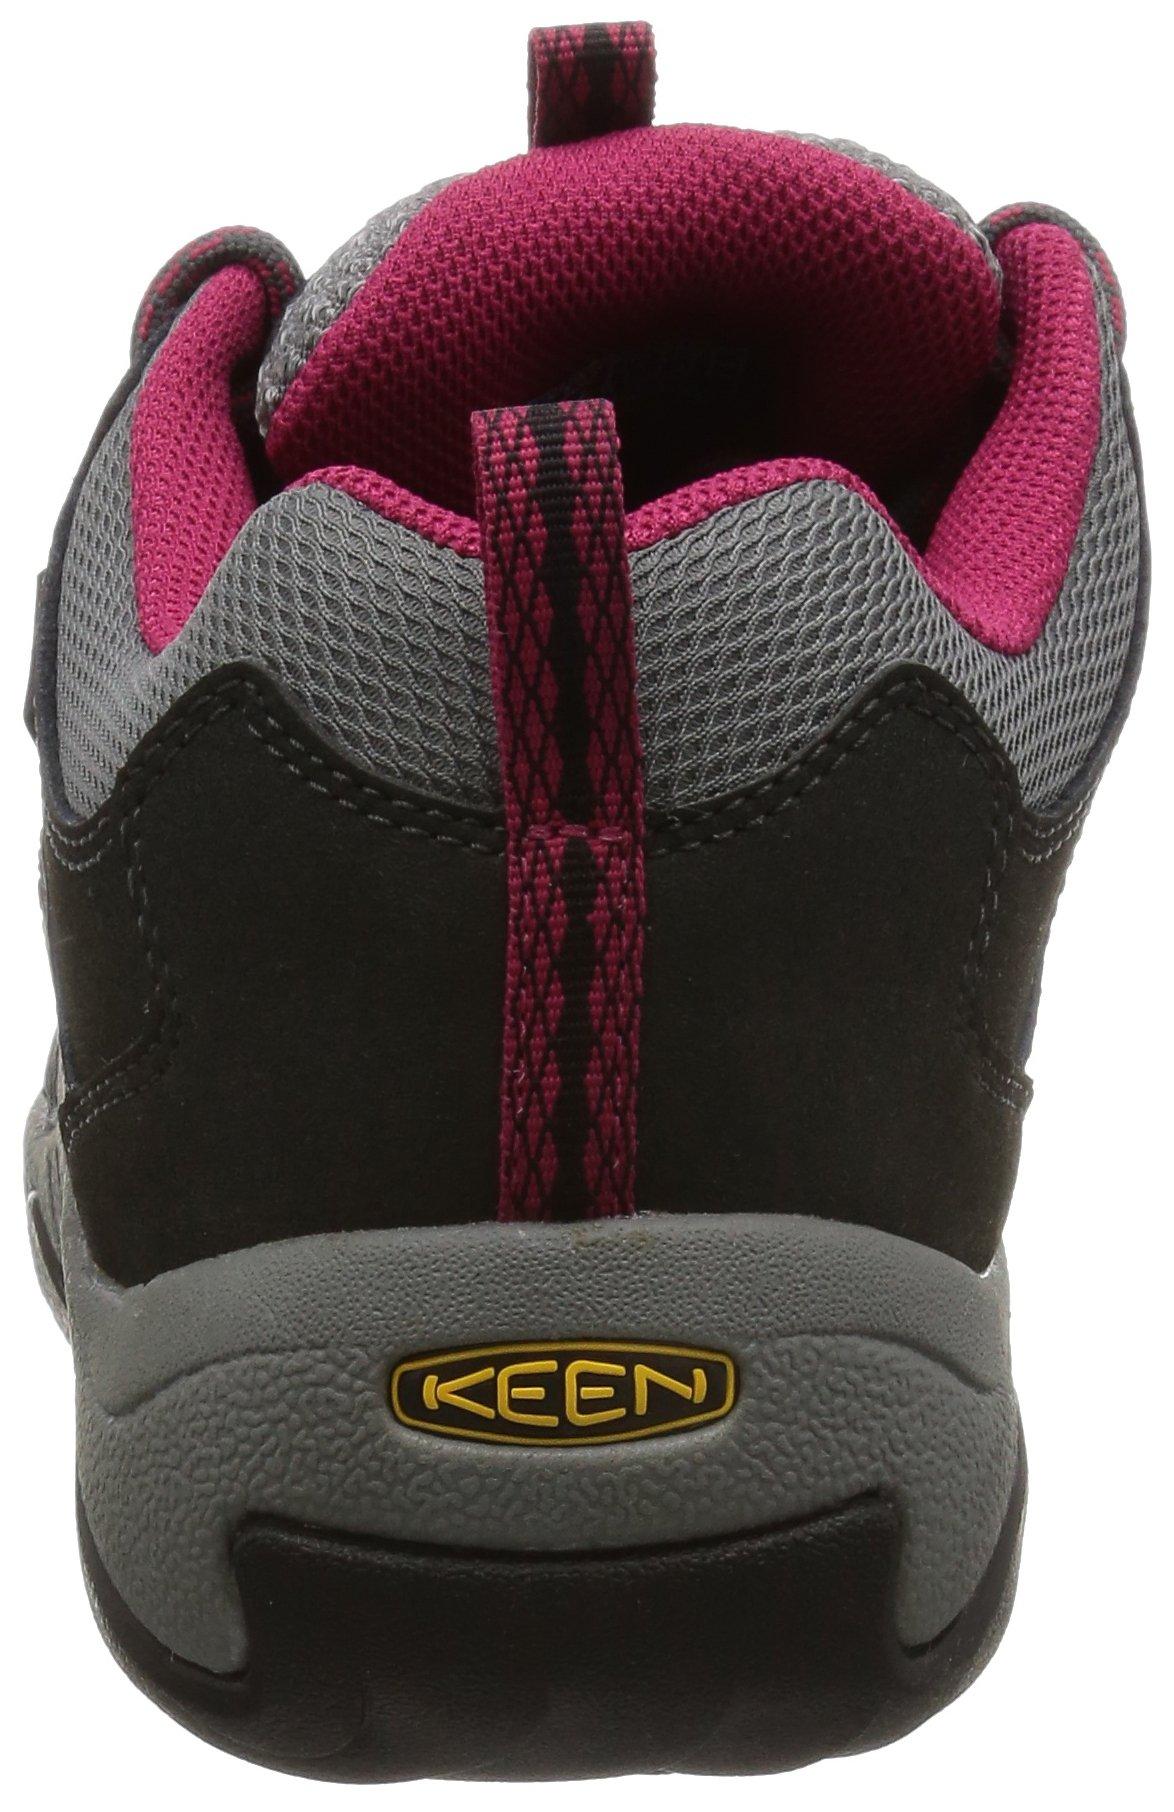 KEEN Women's Oakridge Wp Low Rise Hiking Shoes 2